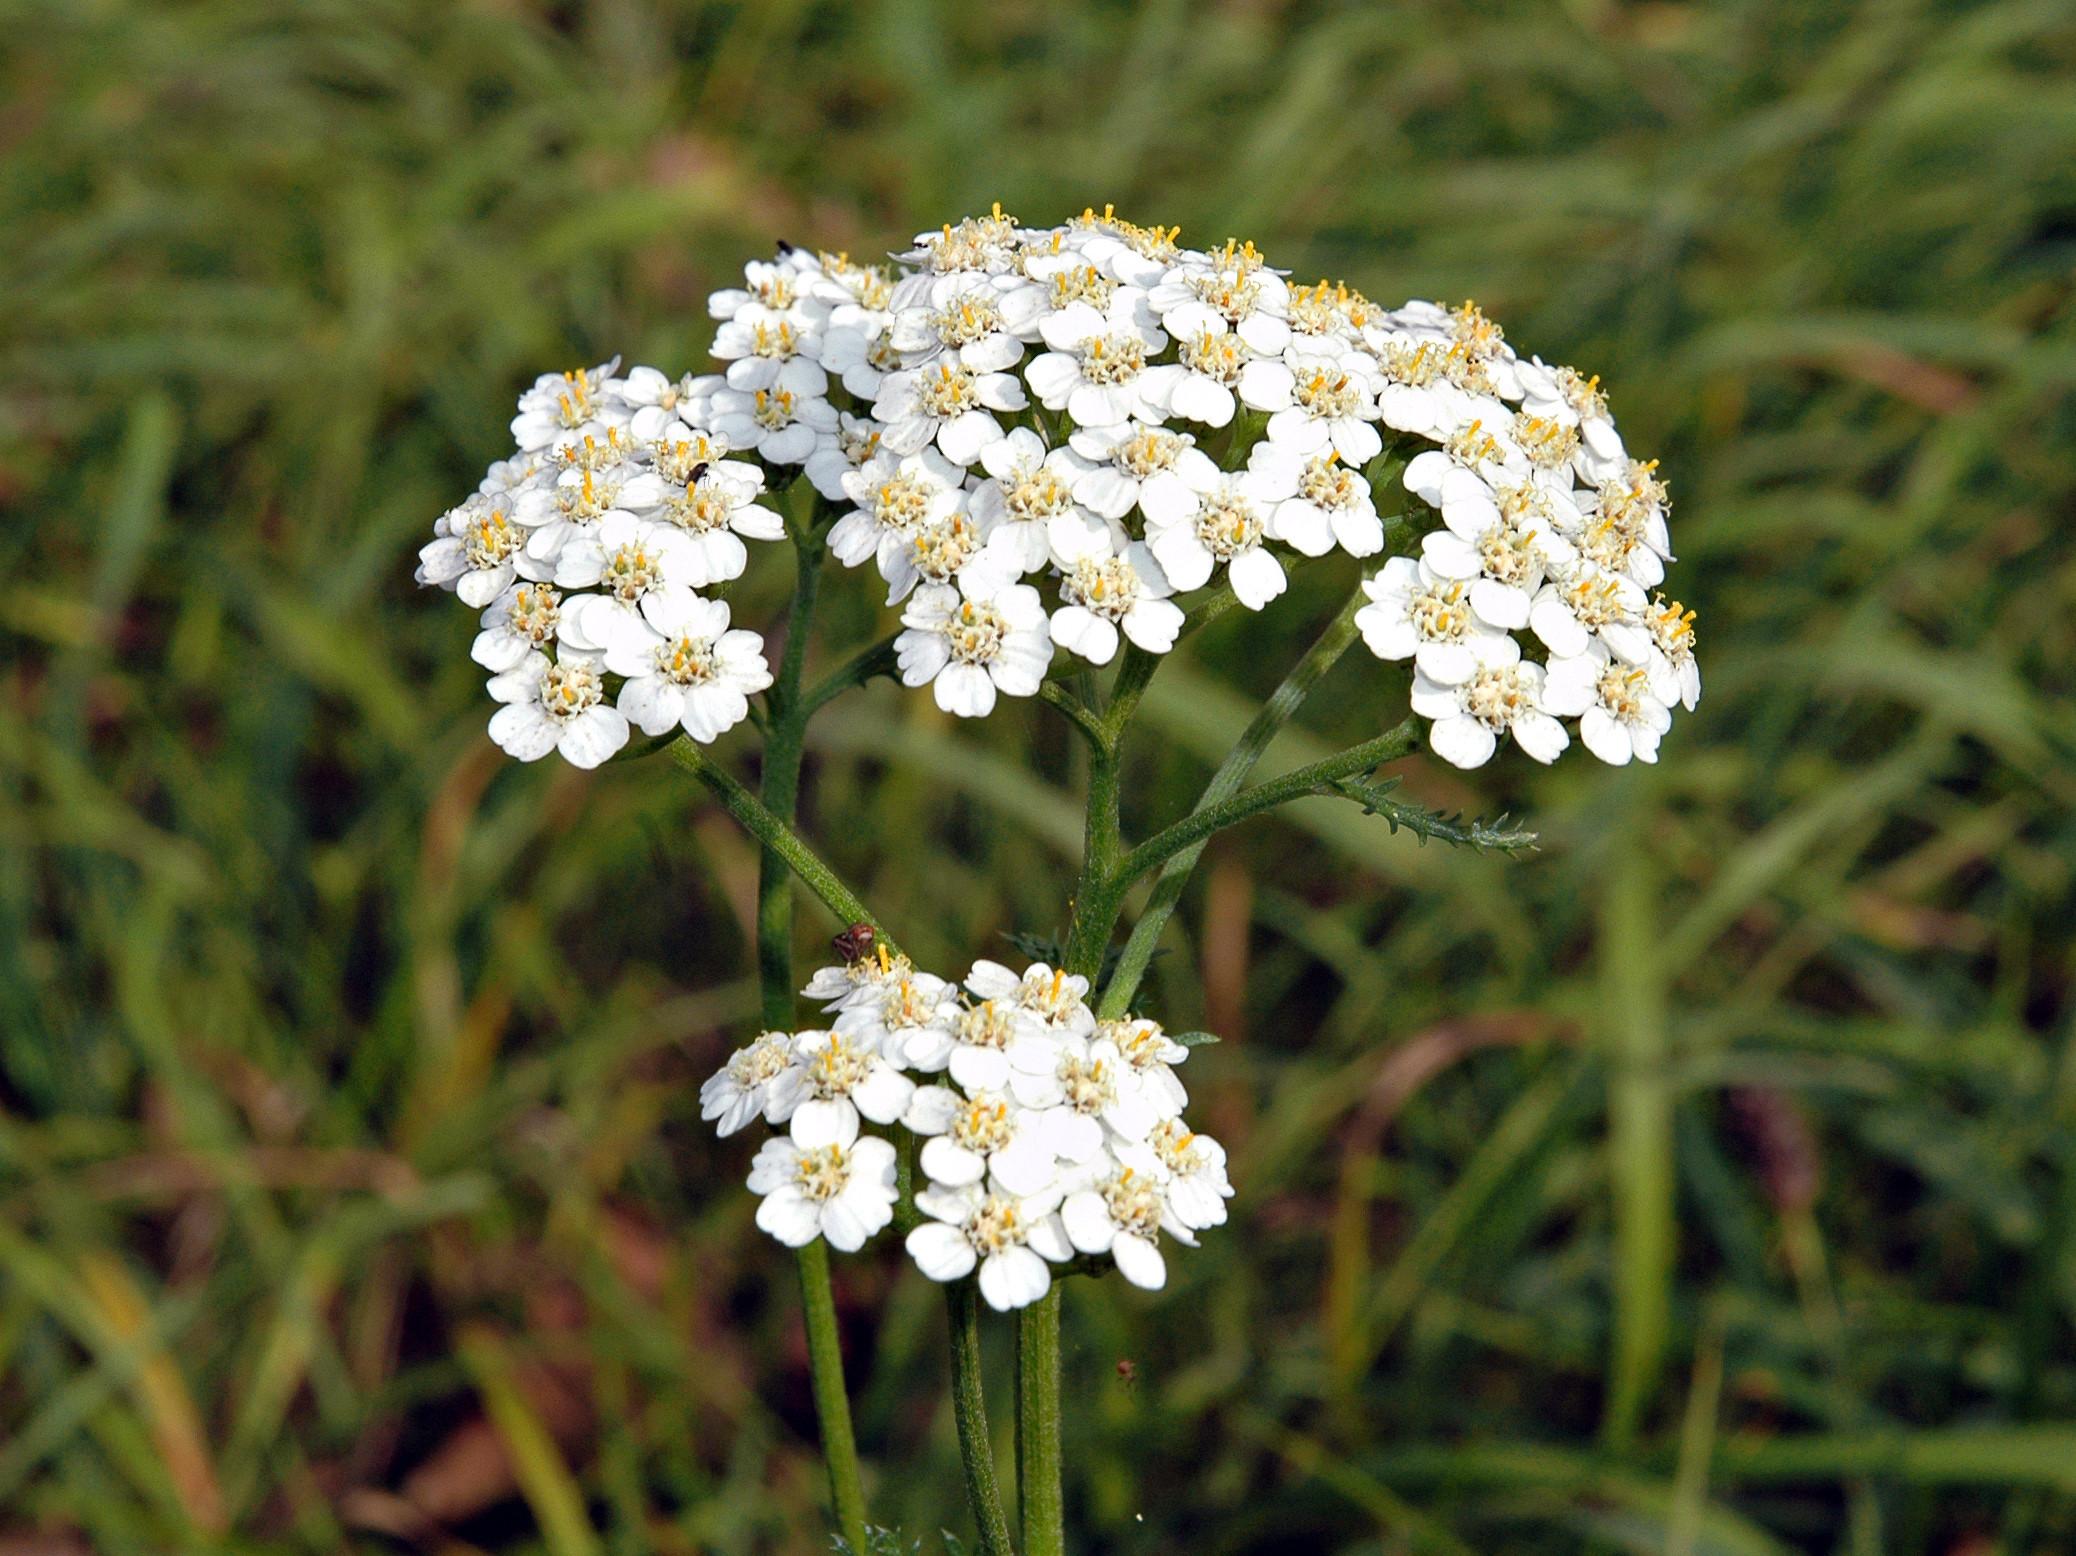 Achillea millefolium subsp millefolium besitzt weiße Blüten